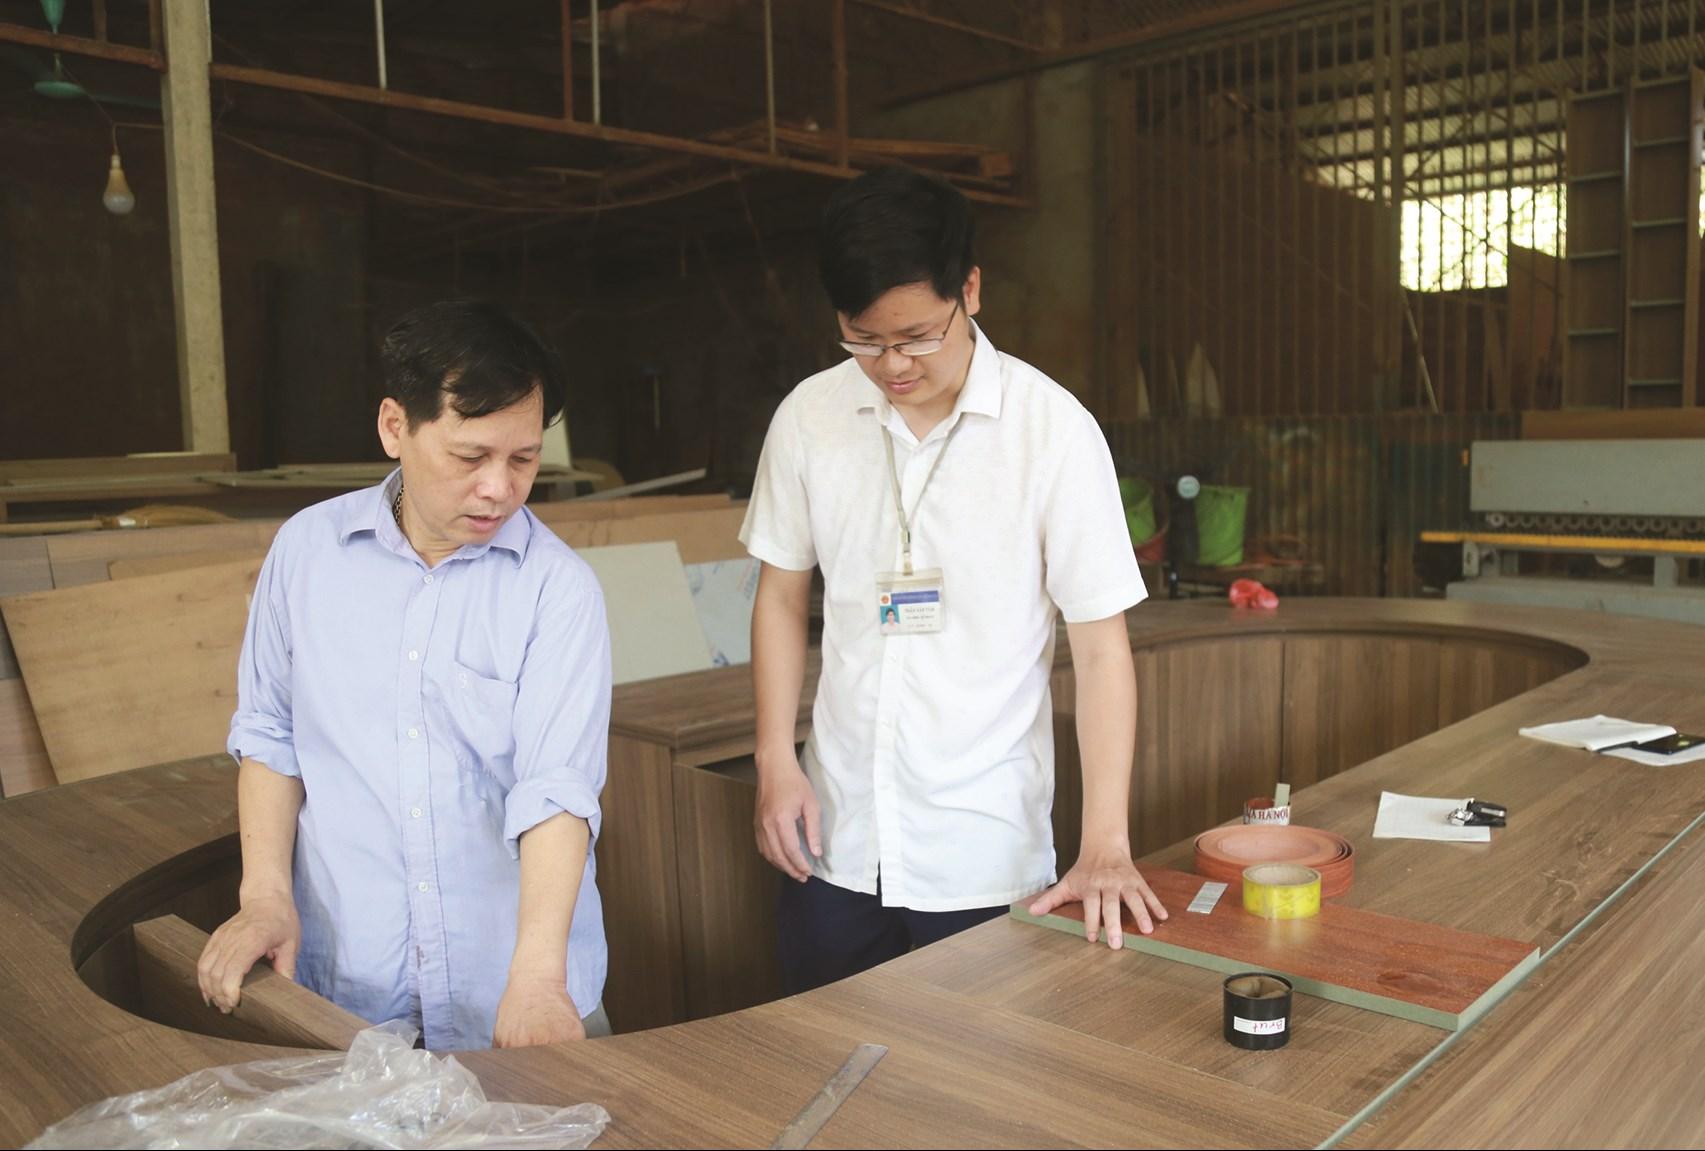 Cơ sở sản xuất mộc dân dụng Lưu Hồng Điệp đang bắt đầu hoạt động trở lại sau thời gian nghỉ dịch.